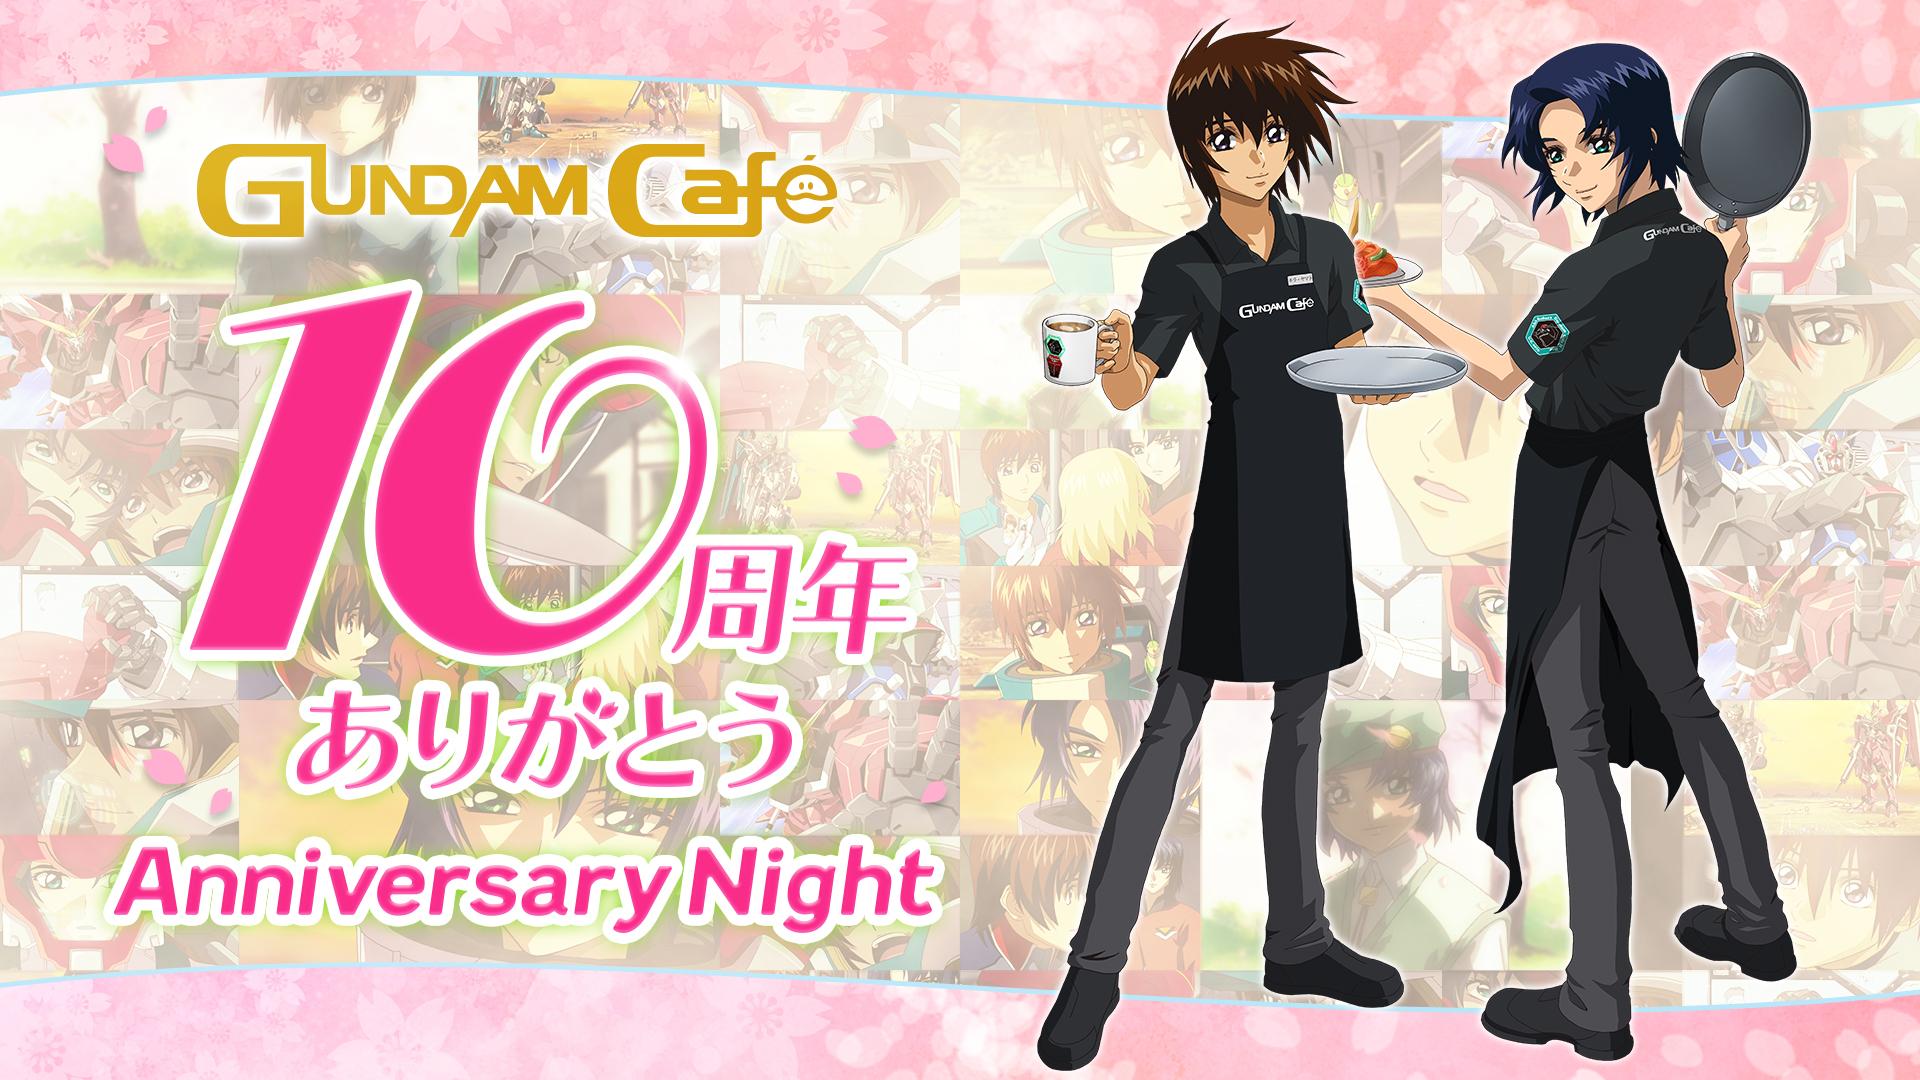 【ガンダムカフェ大阪道頓堀4/1】GUNDAM Café ~Anniversary Night~